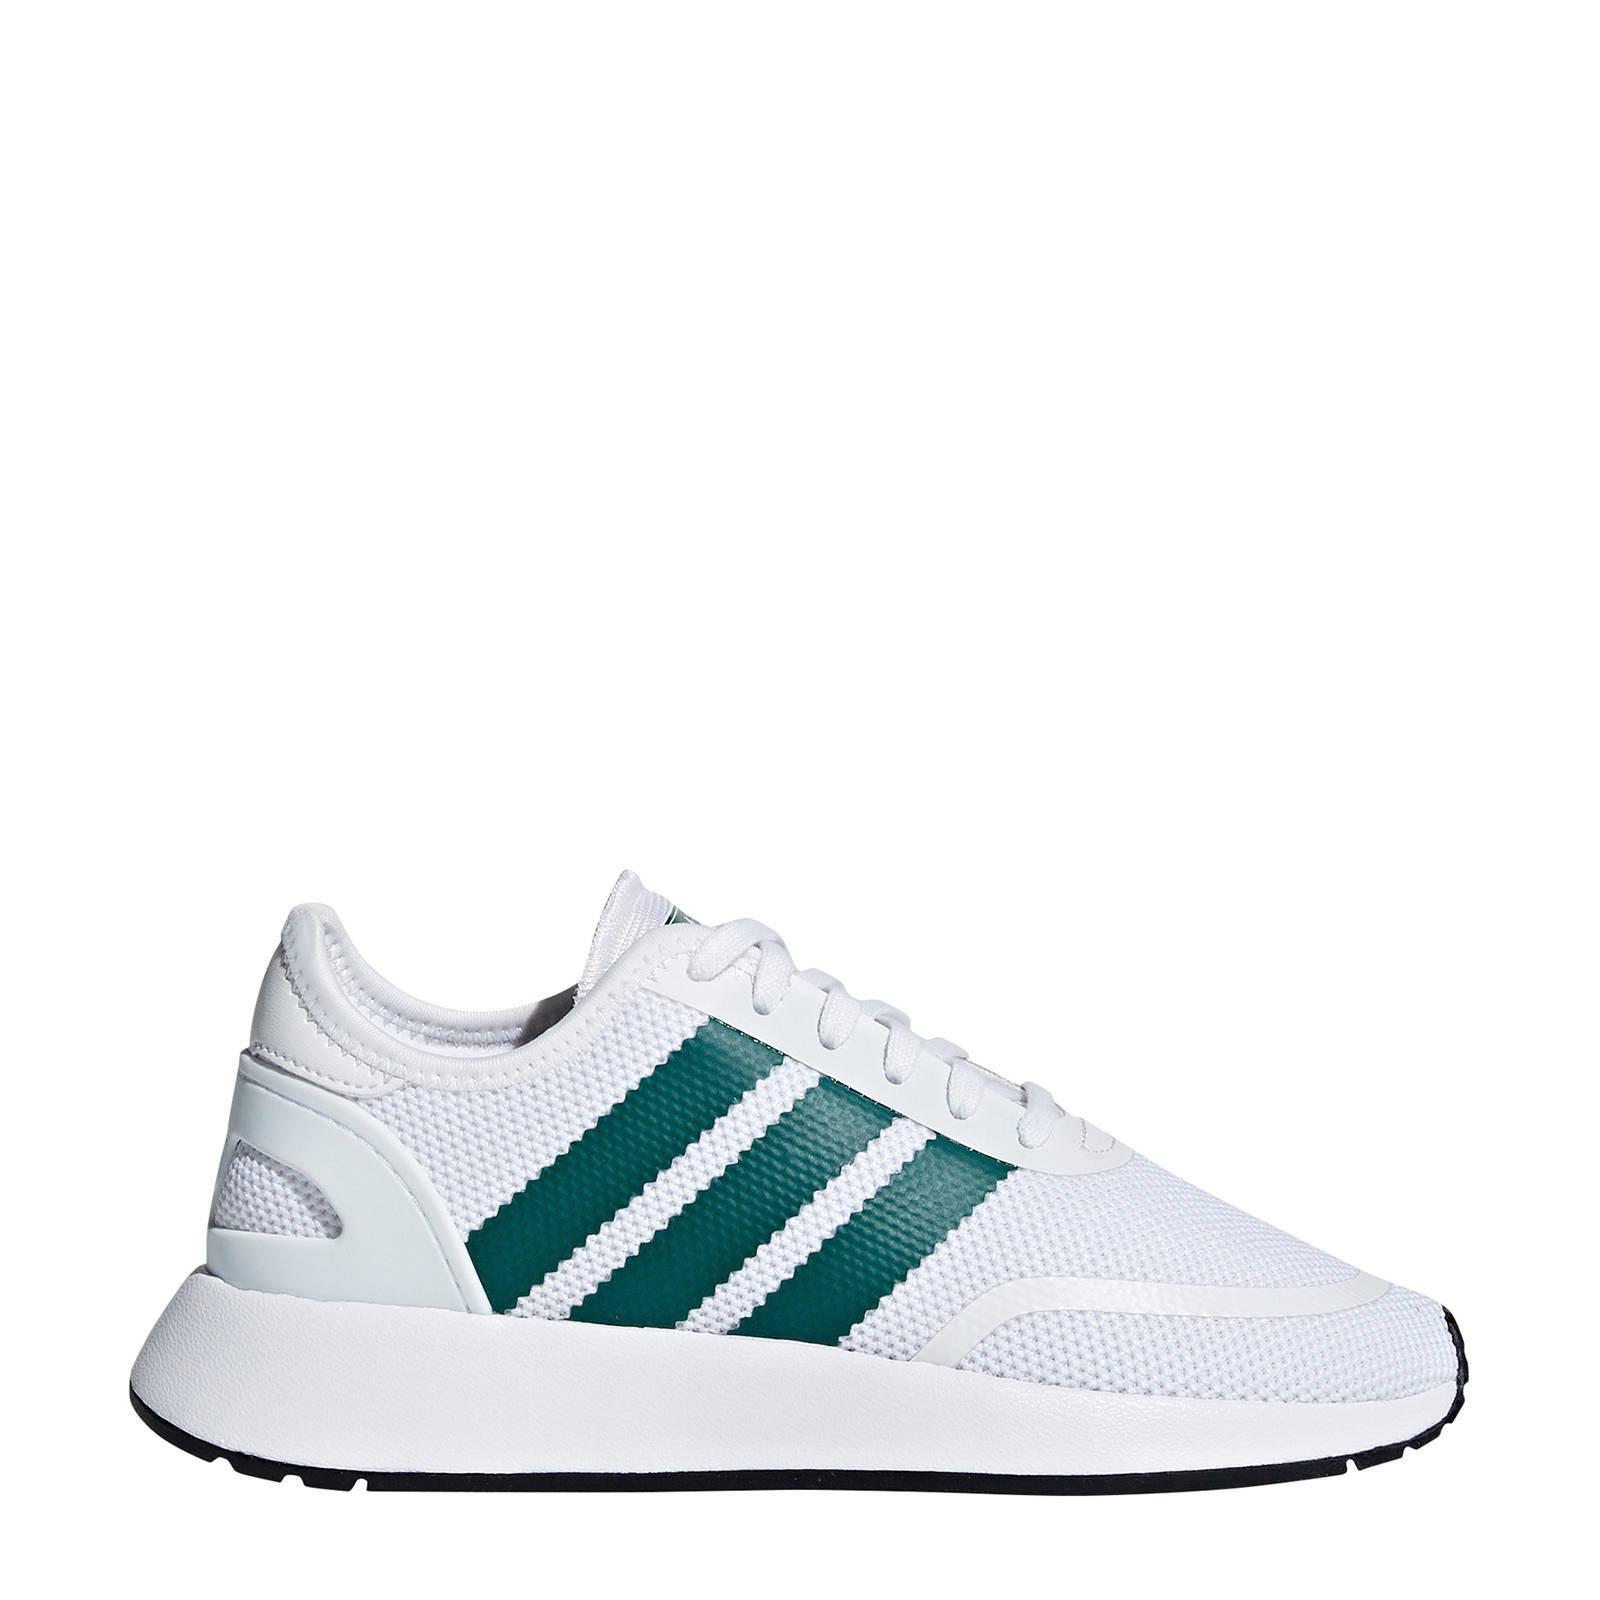 N 5923 J sneakers witgroen